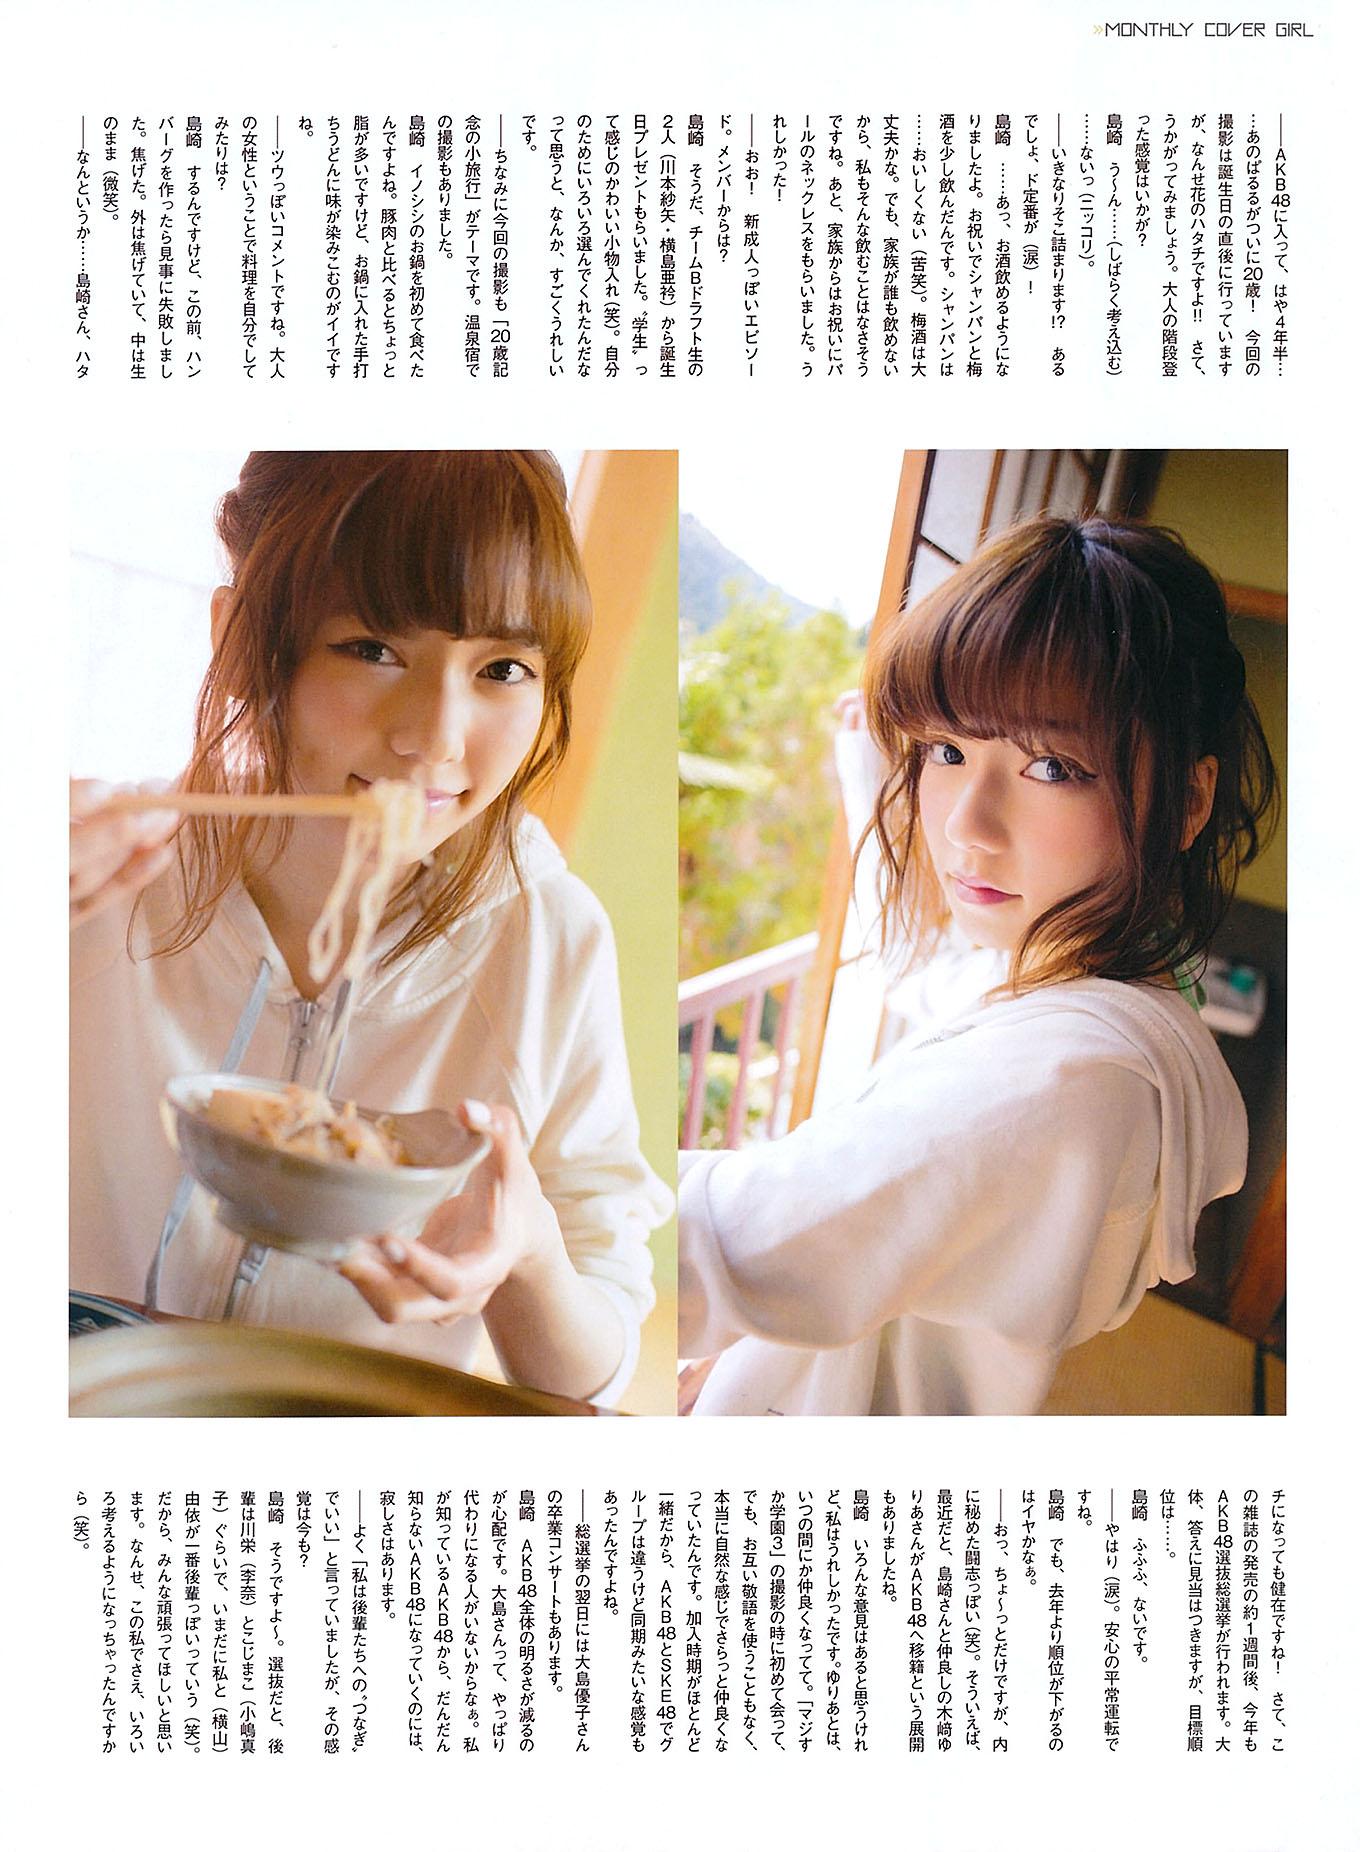 HShimazaki EnTame 1407 05.jpg